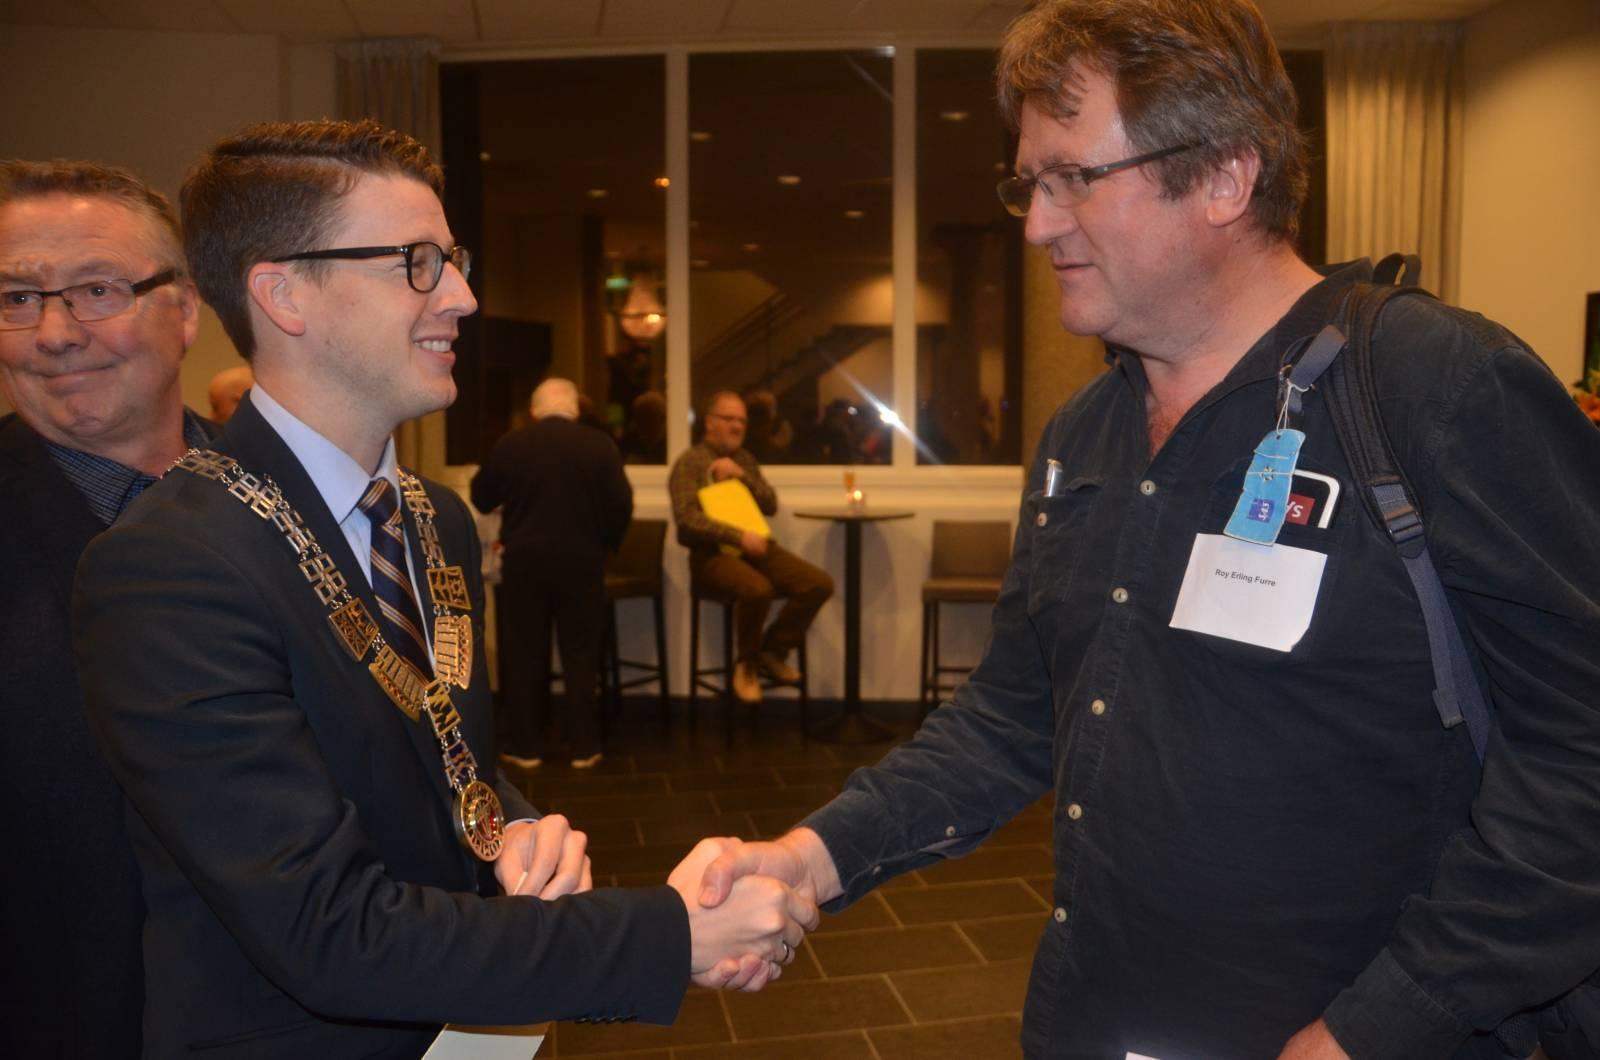 Ordfører i Sola, Ole Ueland, hilser på Roy Erling Furre før åpningen av fotoutstillingen om Alexander Kielland-utstillingen. Foto: Mette Møllerop